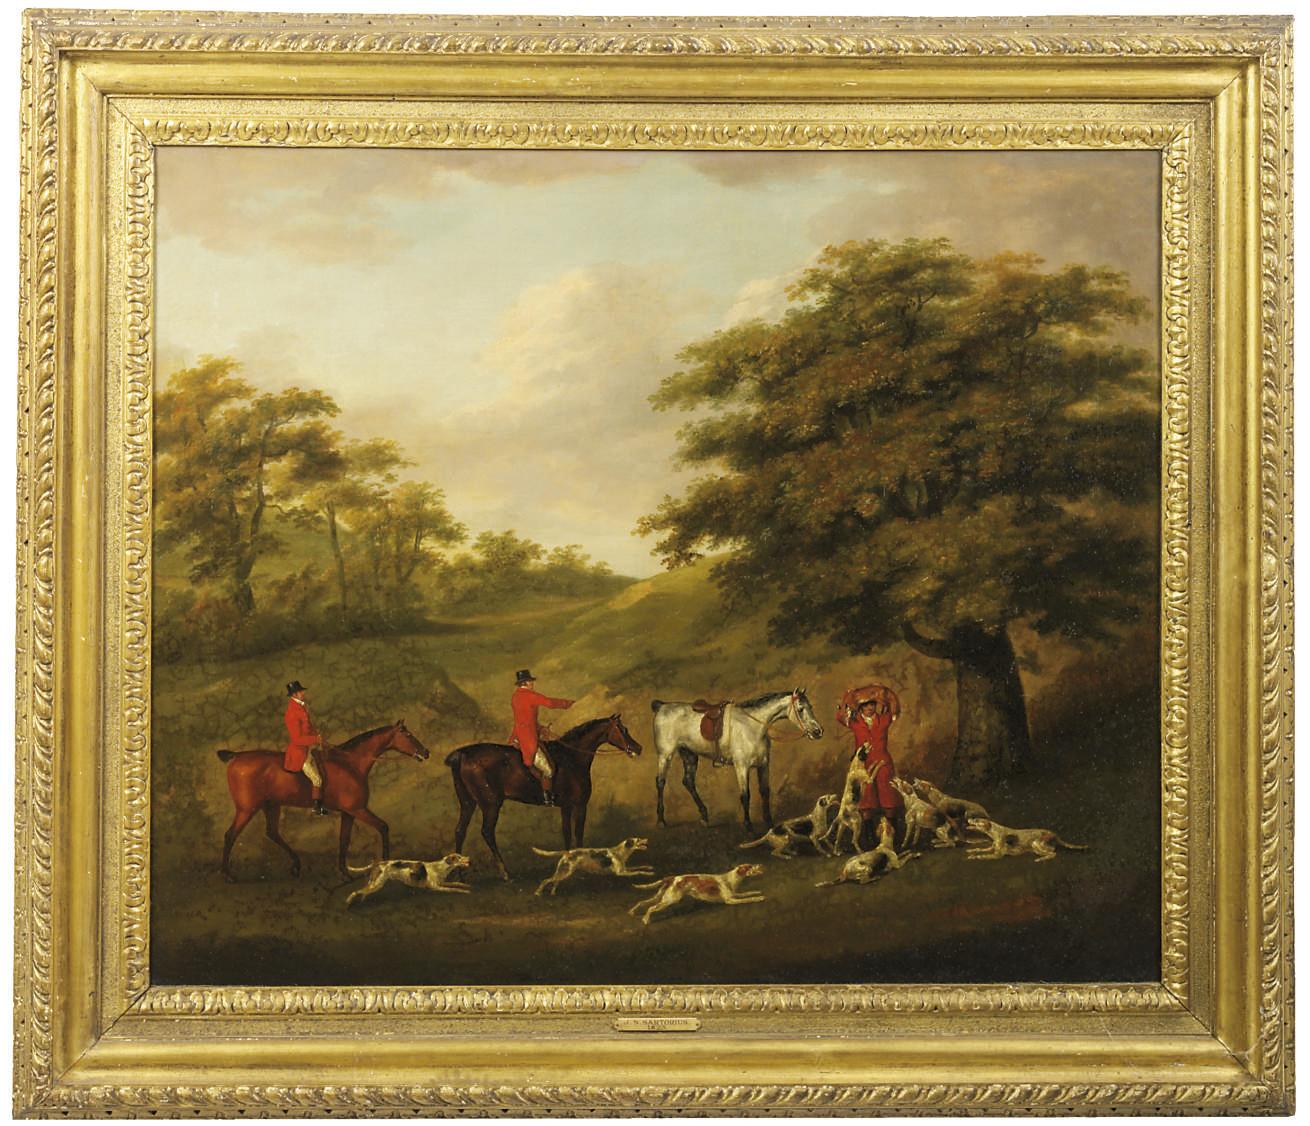 JOHN NOST SARTORIUS (BRITISH, 1755-1828)